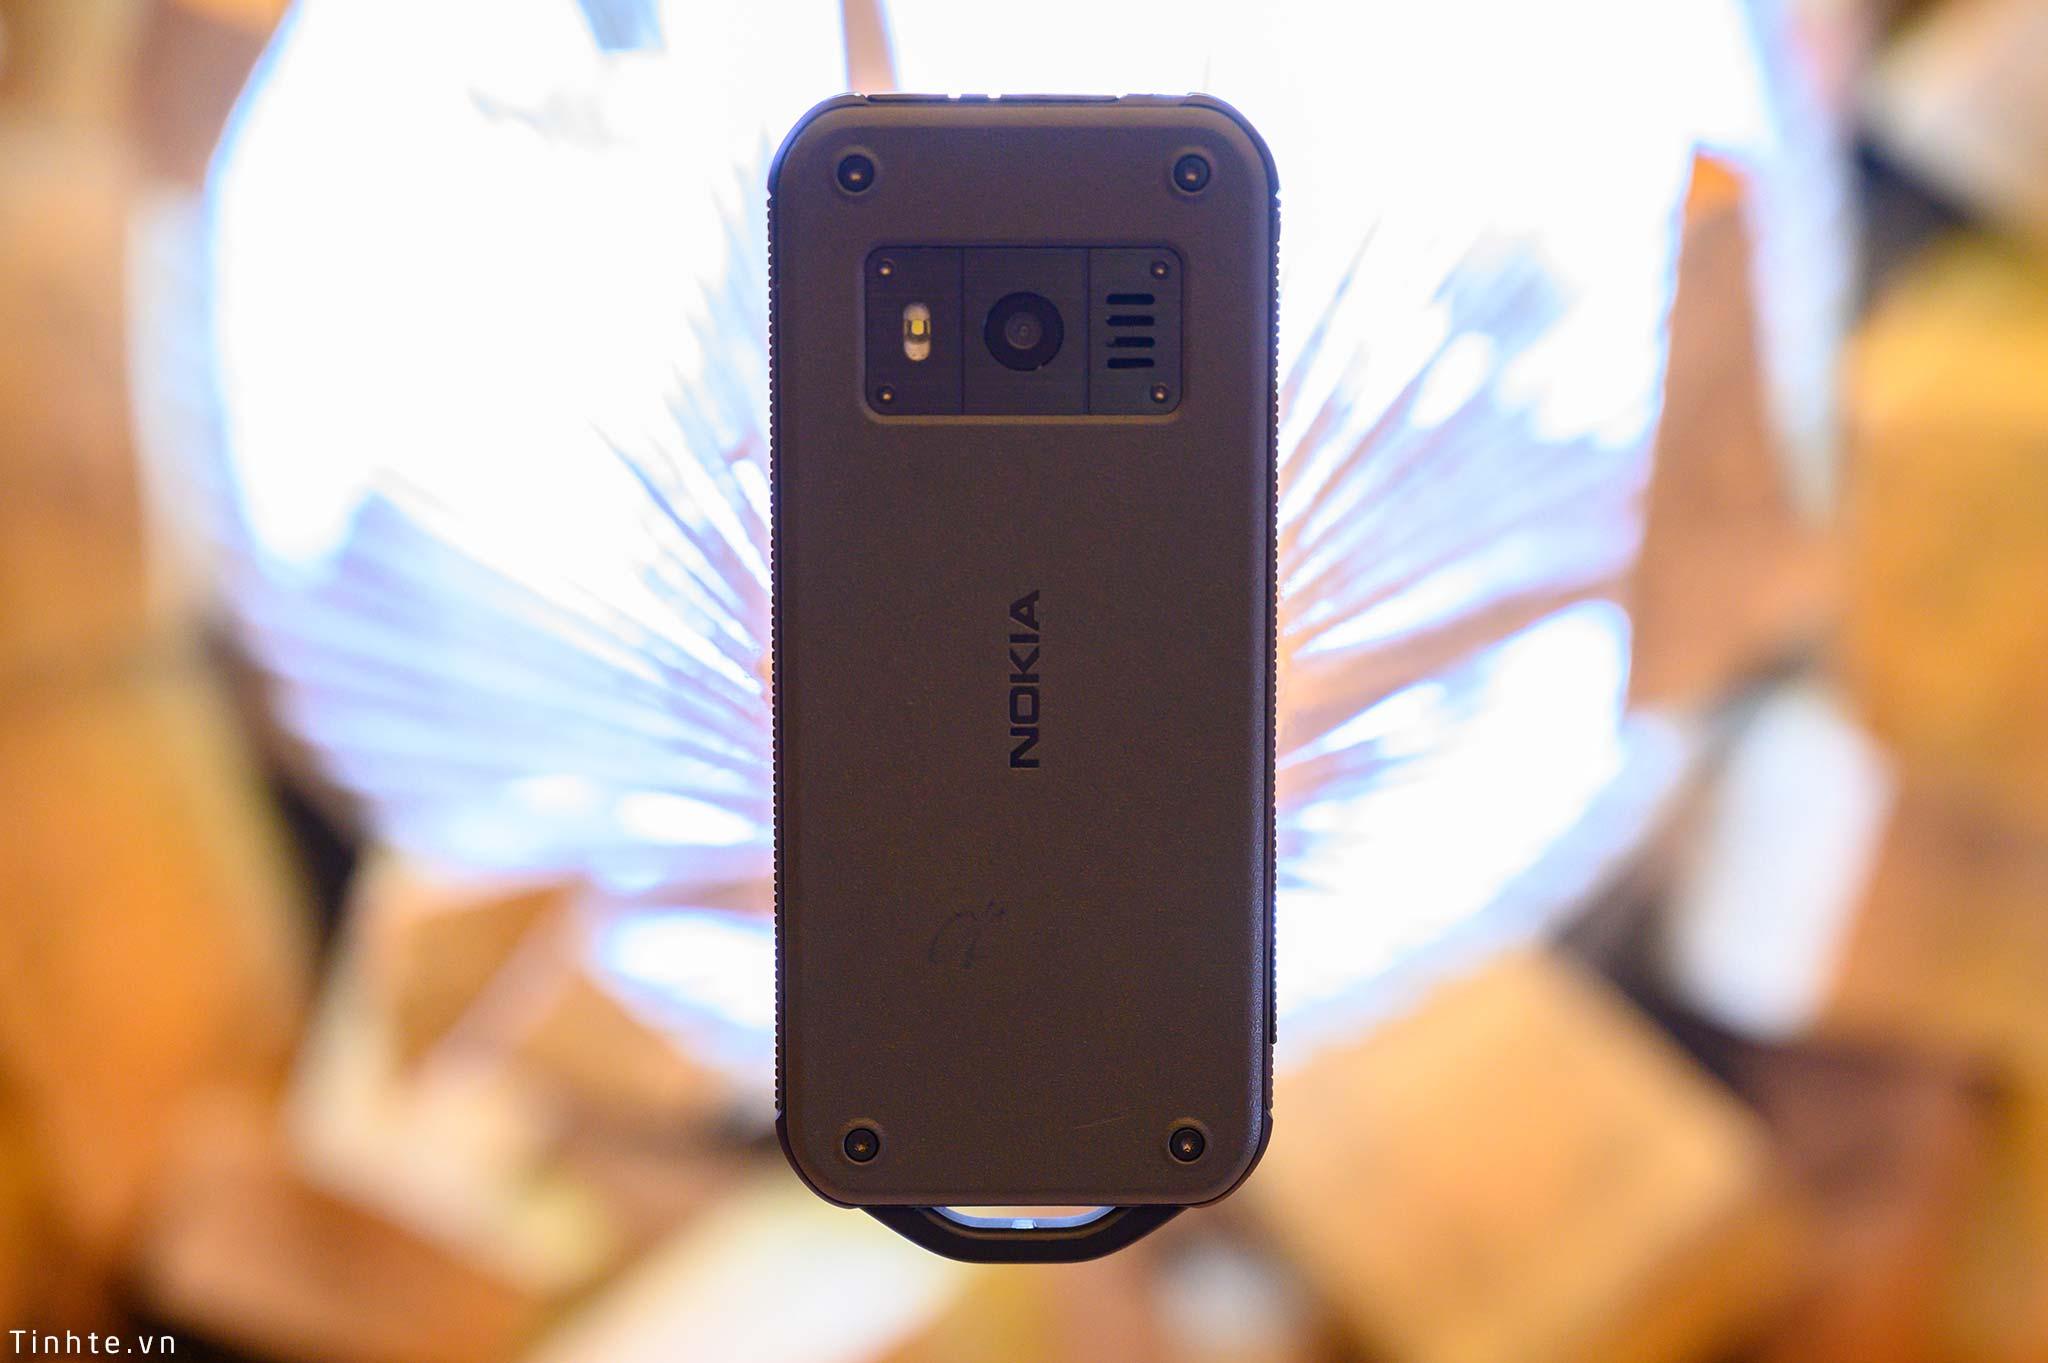 Nokia_800_Tough_tinhte_1.jpg